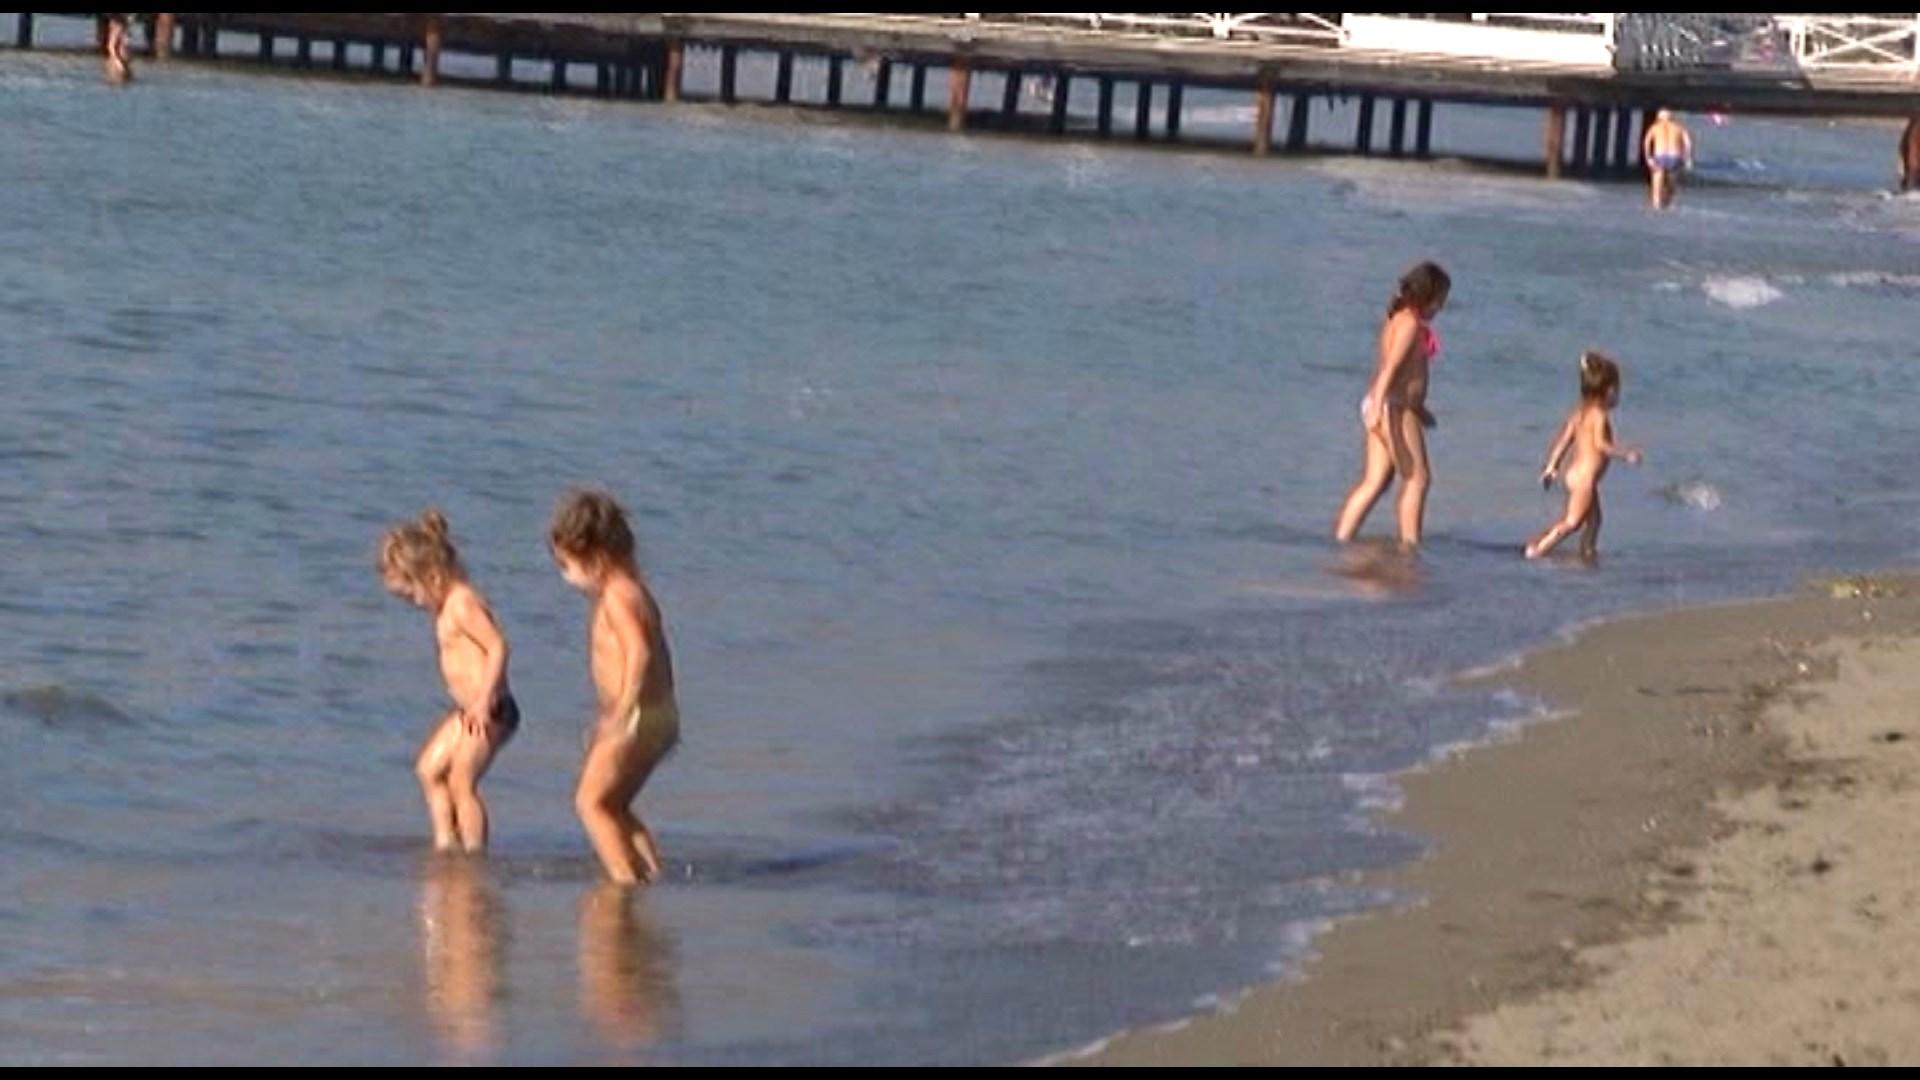 Plazh në fund të tetorit në Shëngjin, vizitorë dhe pushues popullojnë bregdetit